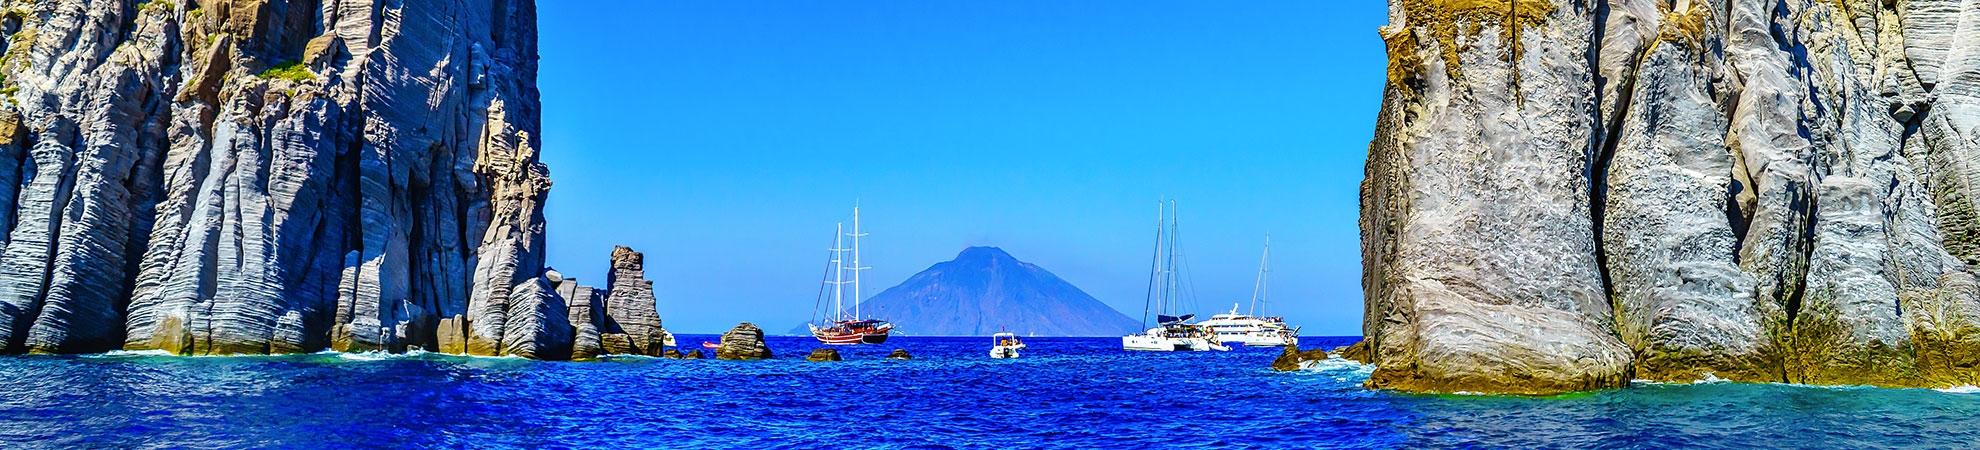 Voyage Stromboli